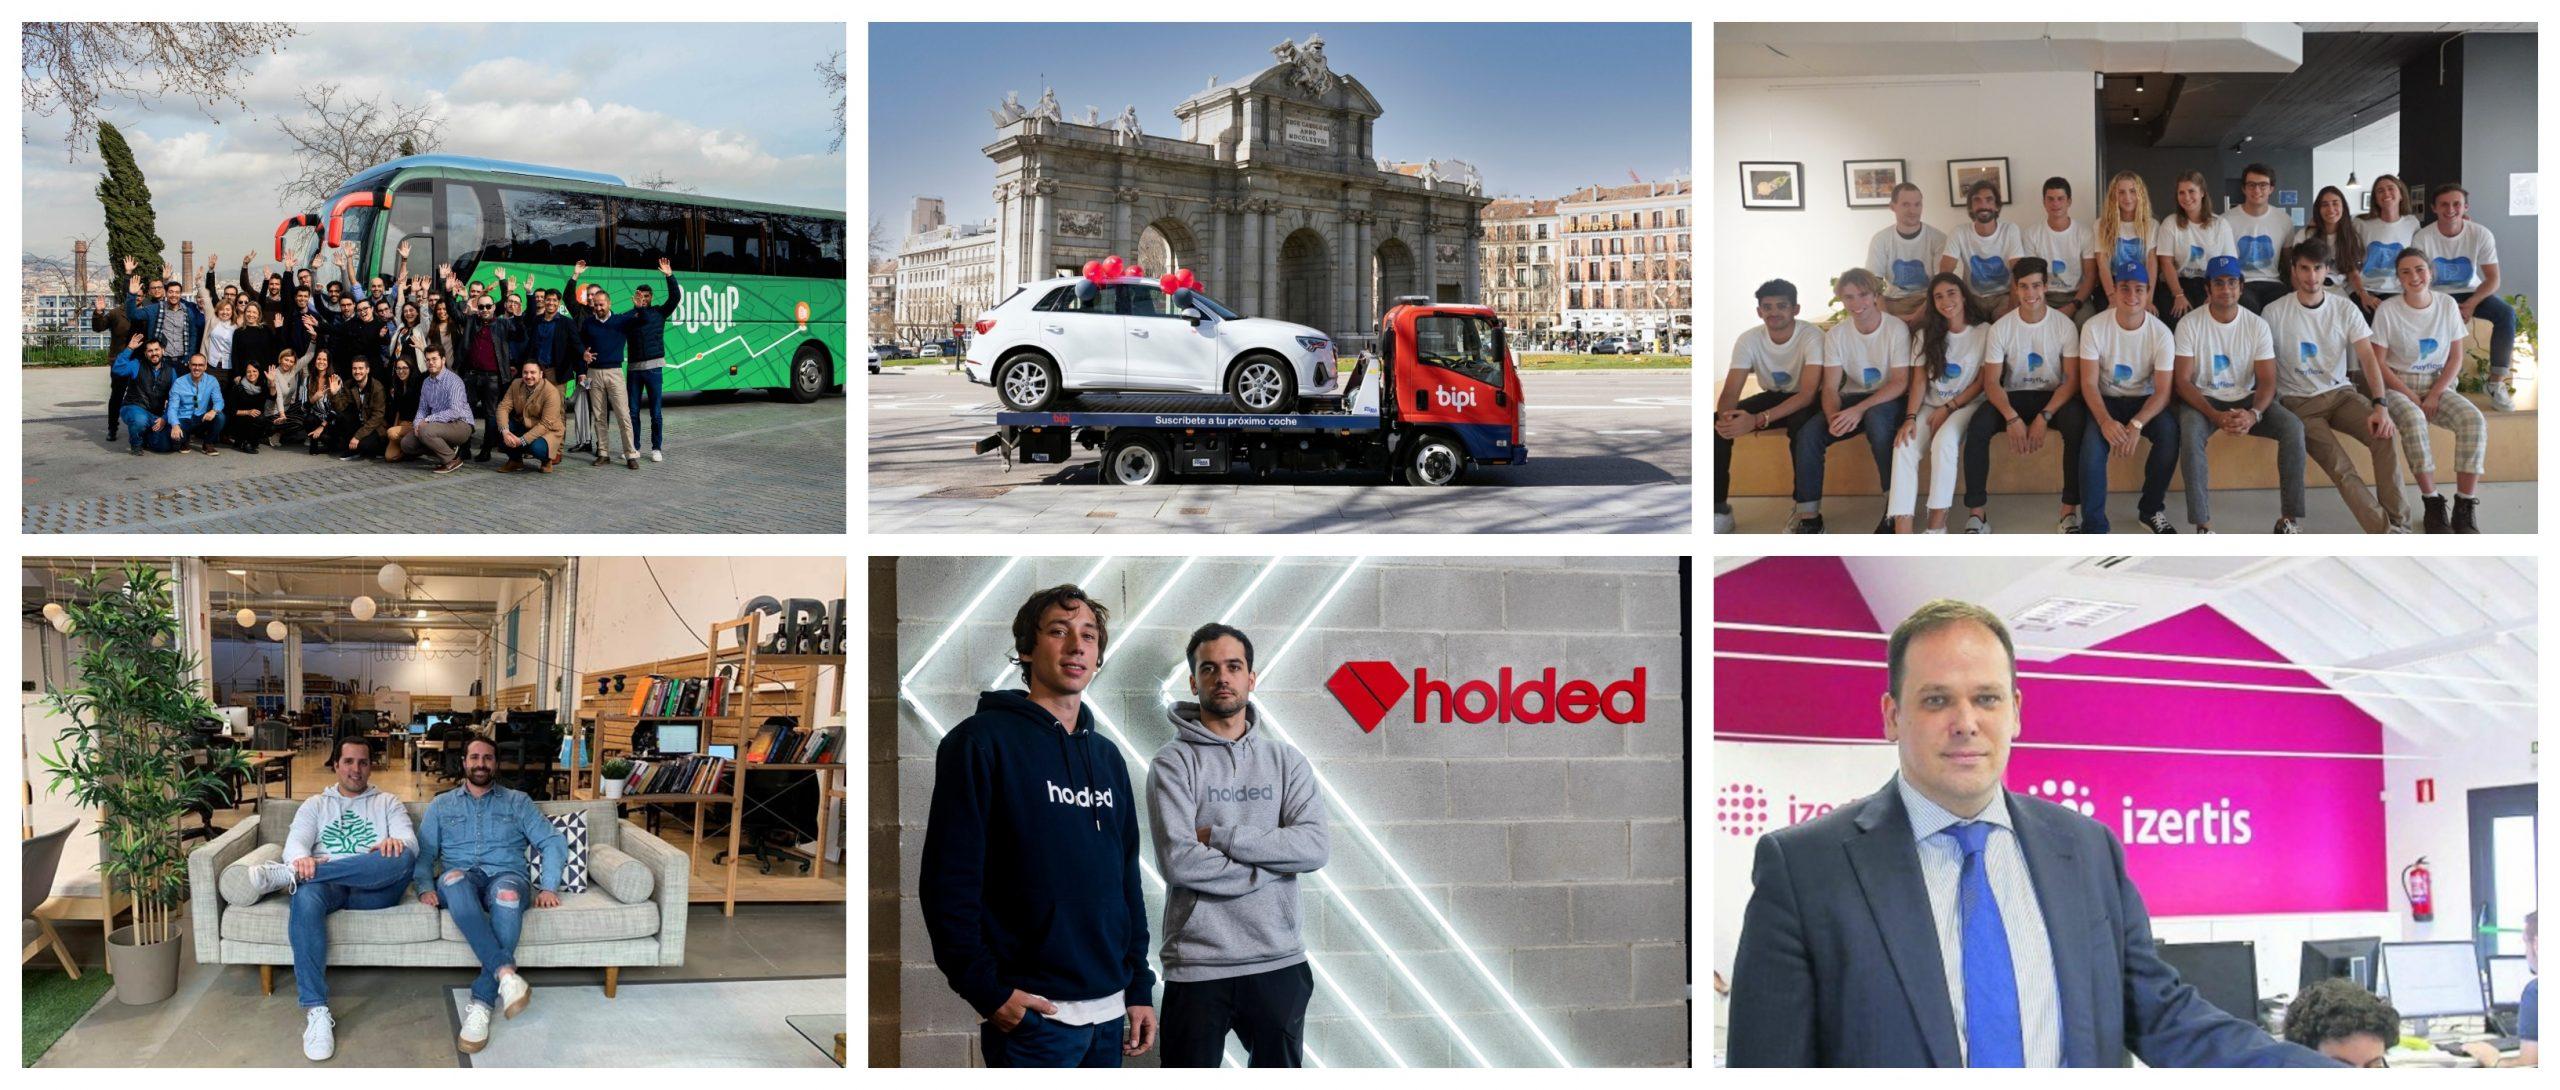 Febrero cierra con 137 millones de euros invertidos en startups españolas